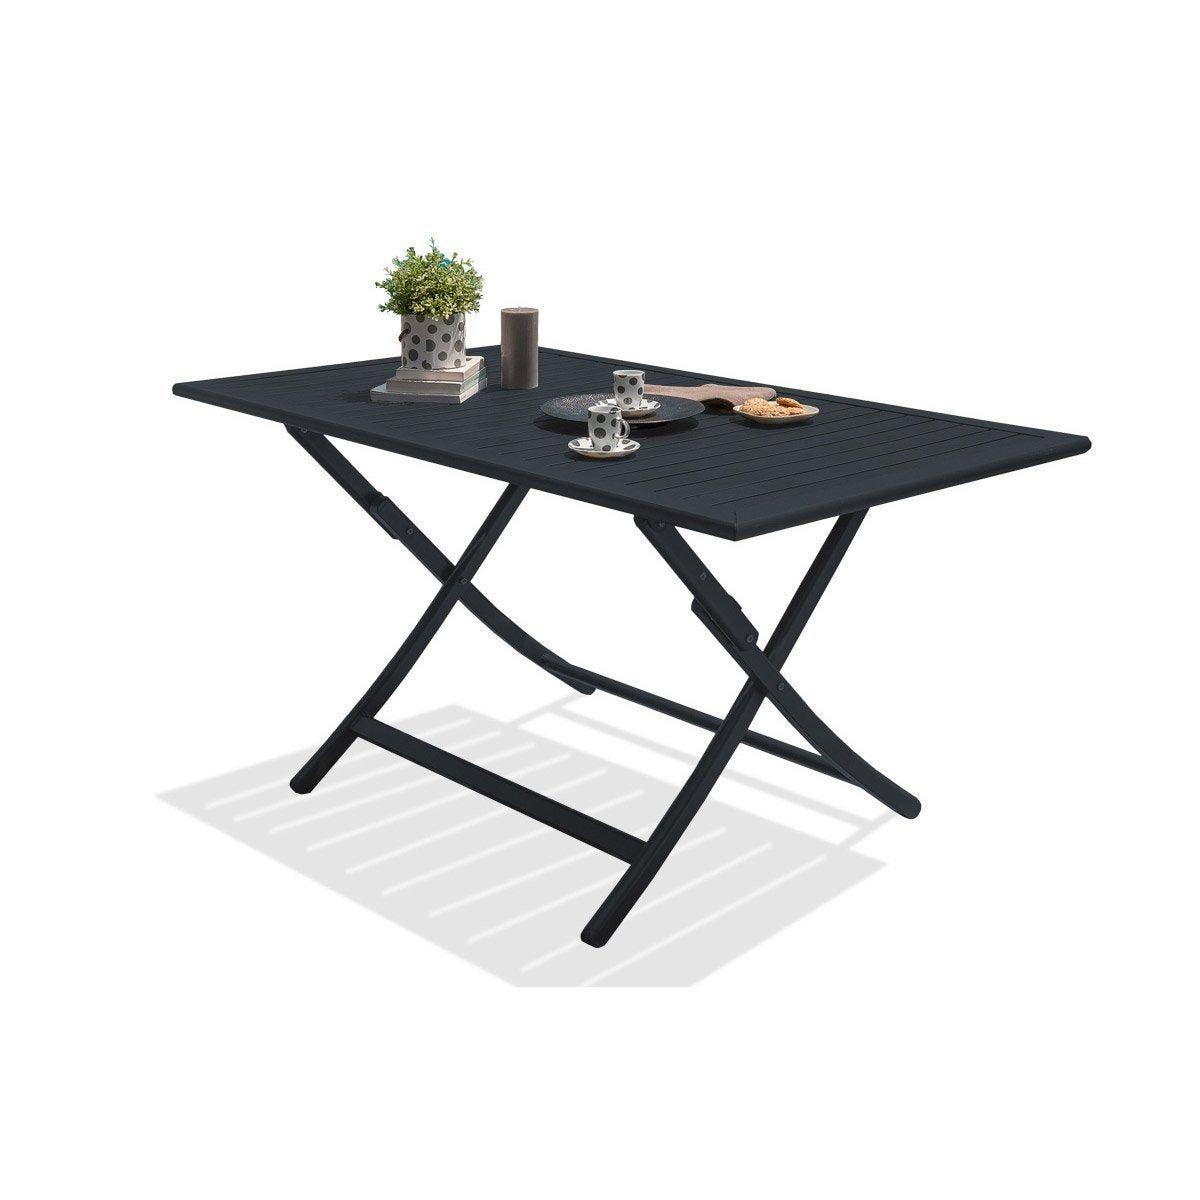 Table De Jardin Aluminium Bois Resine Au Meilleur Prix Leroy Merlin En 2020 Table De Jardin Table De Jardin Pliante Chaise De Jardin